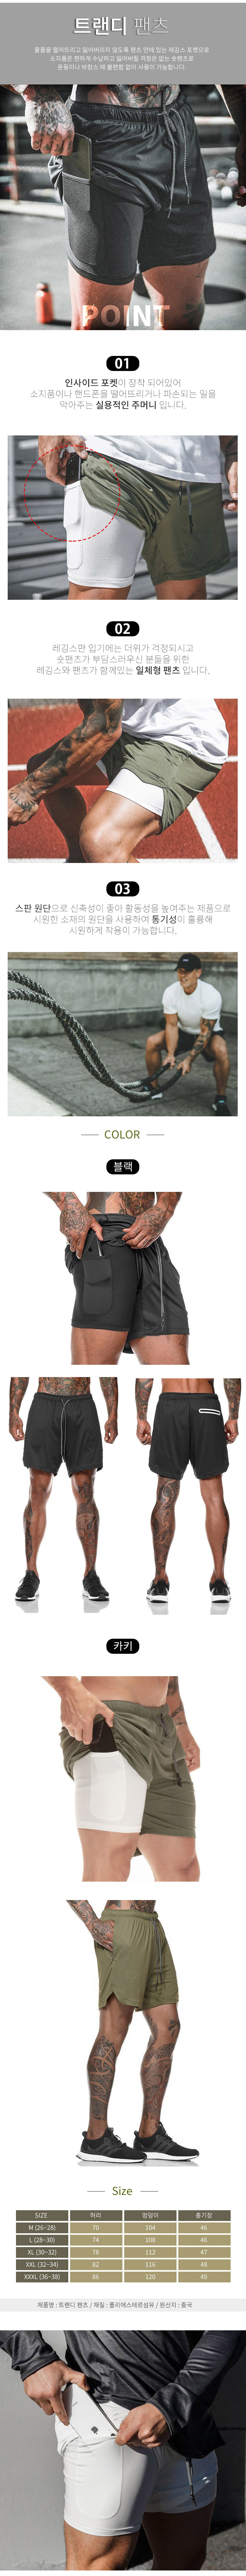 leggings_shortpants_170651.jpg